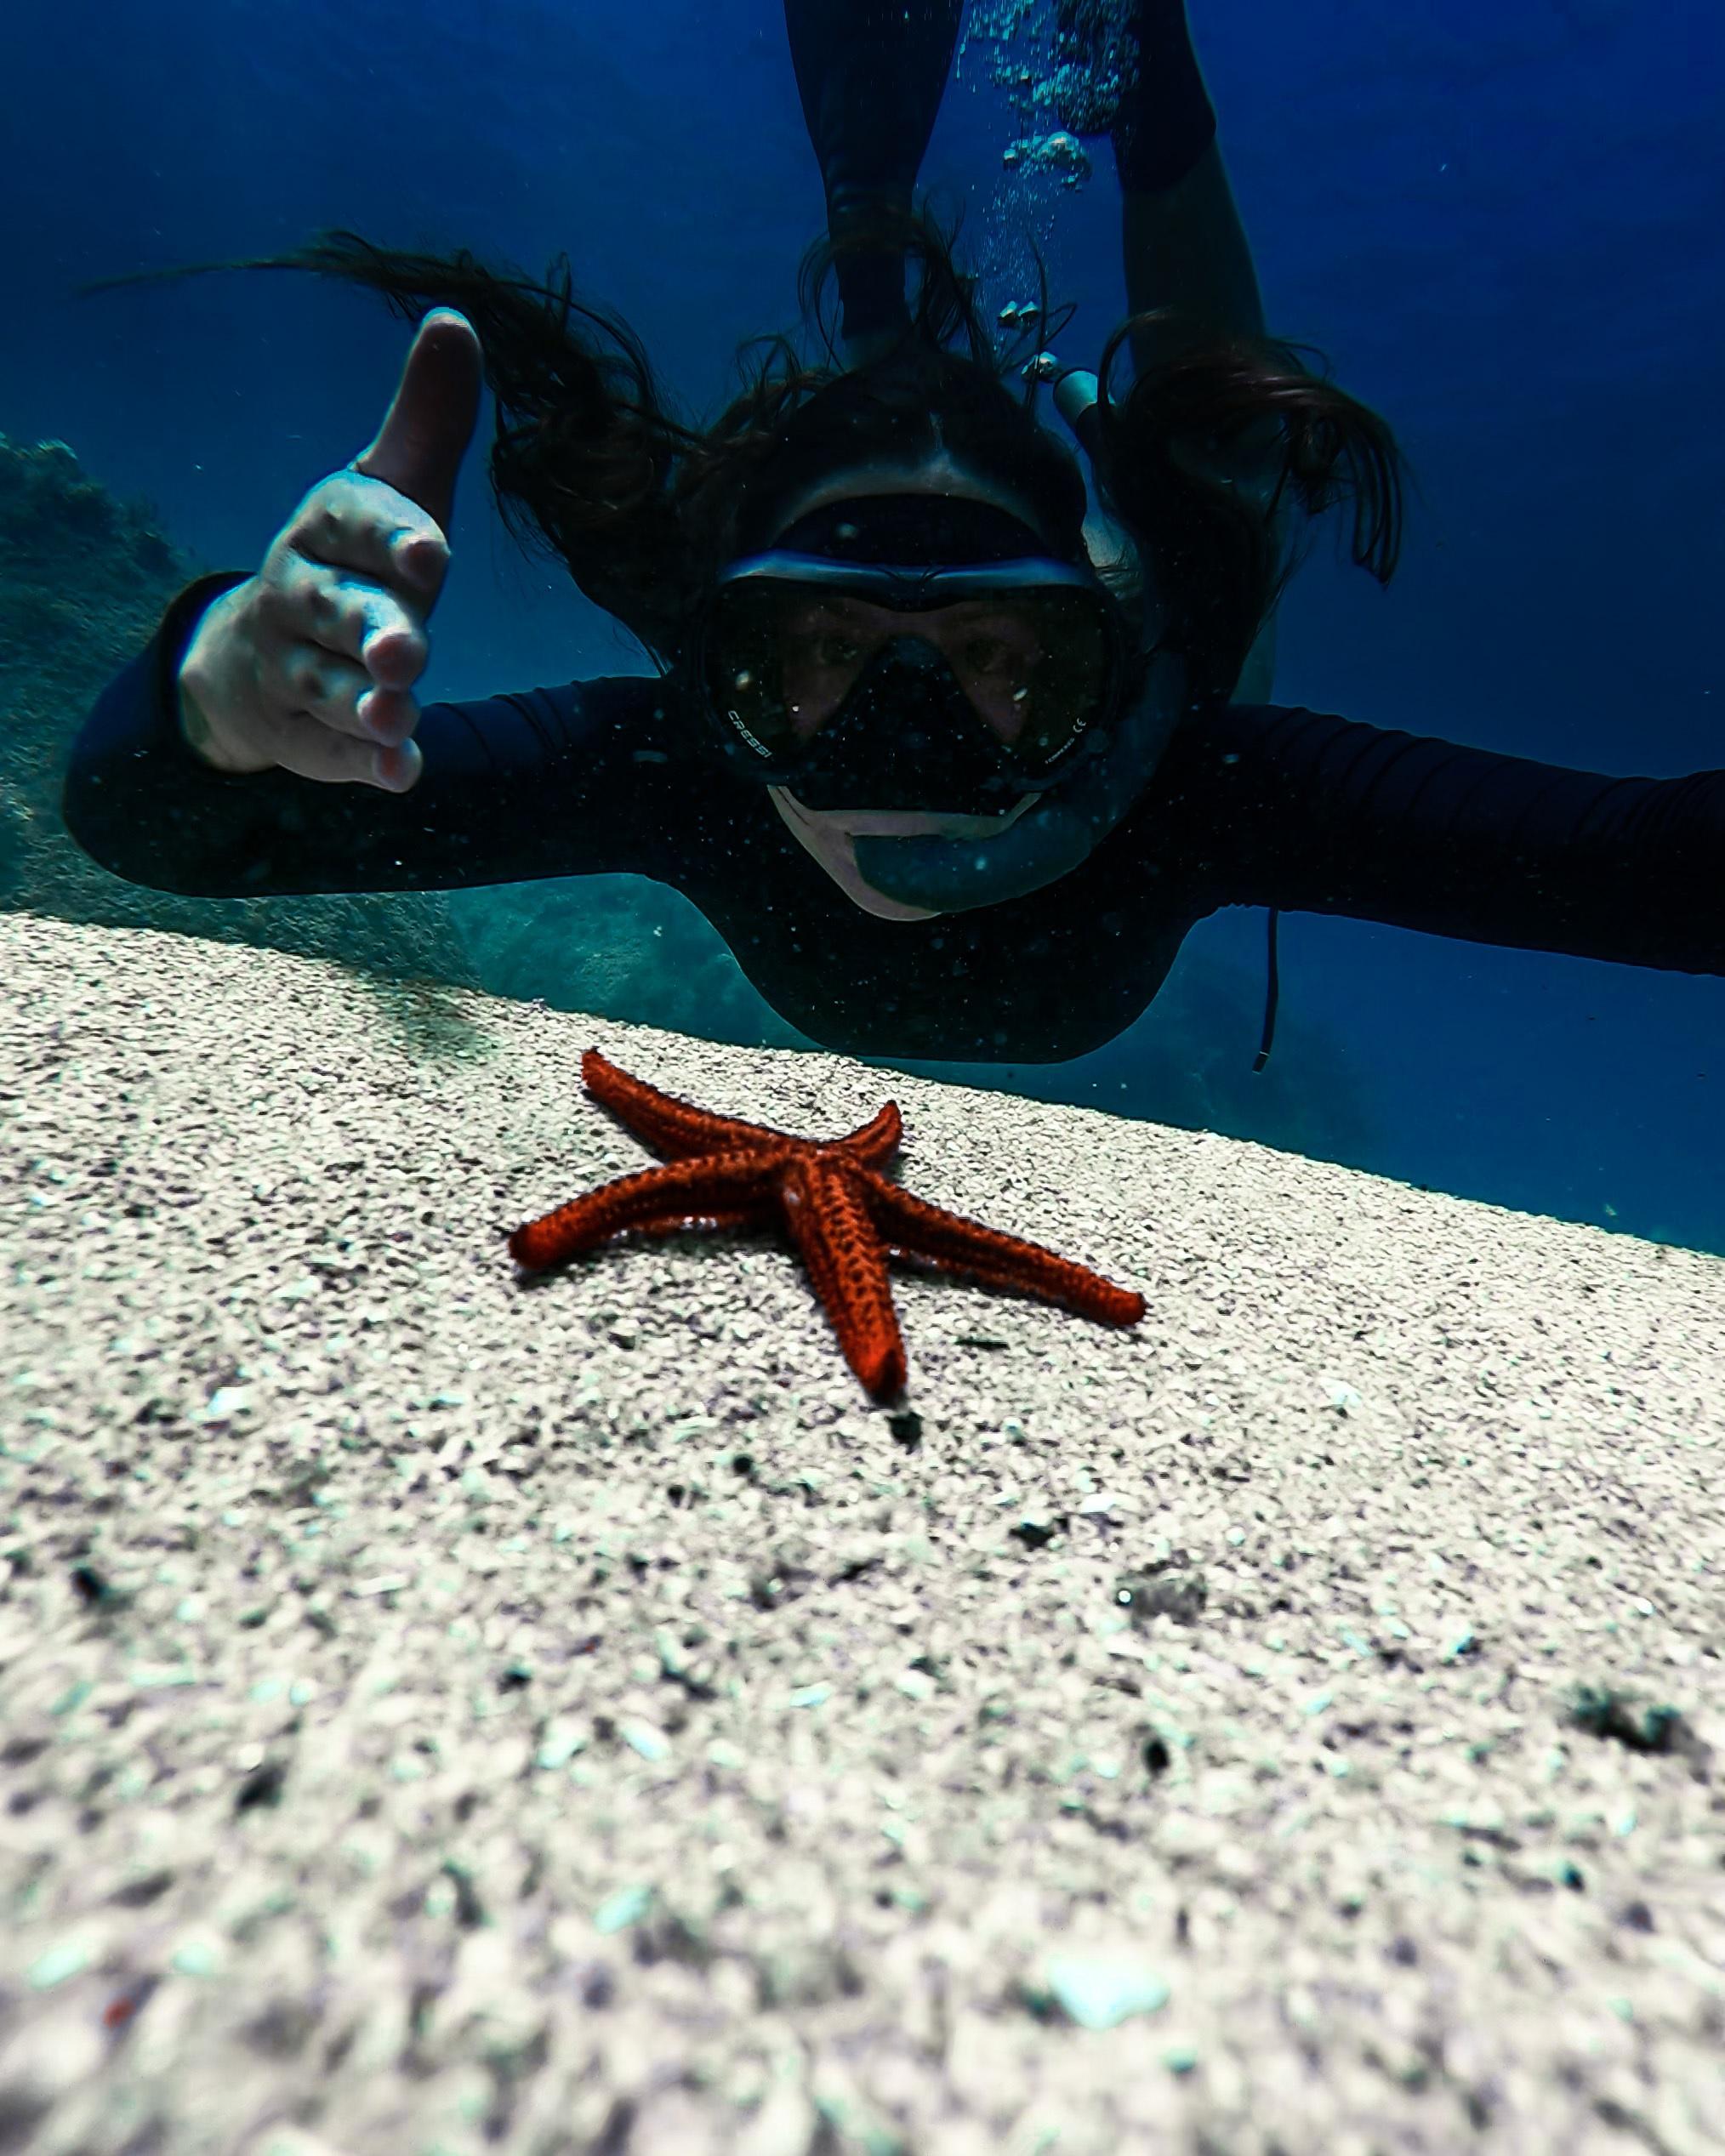 gopro, maysa santoro, mergulho, estrela do mar